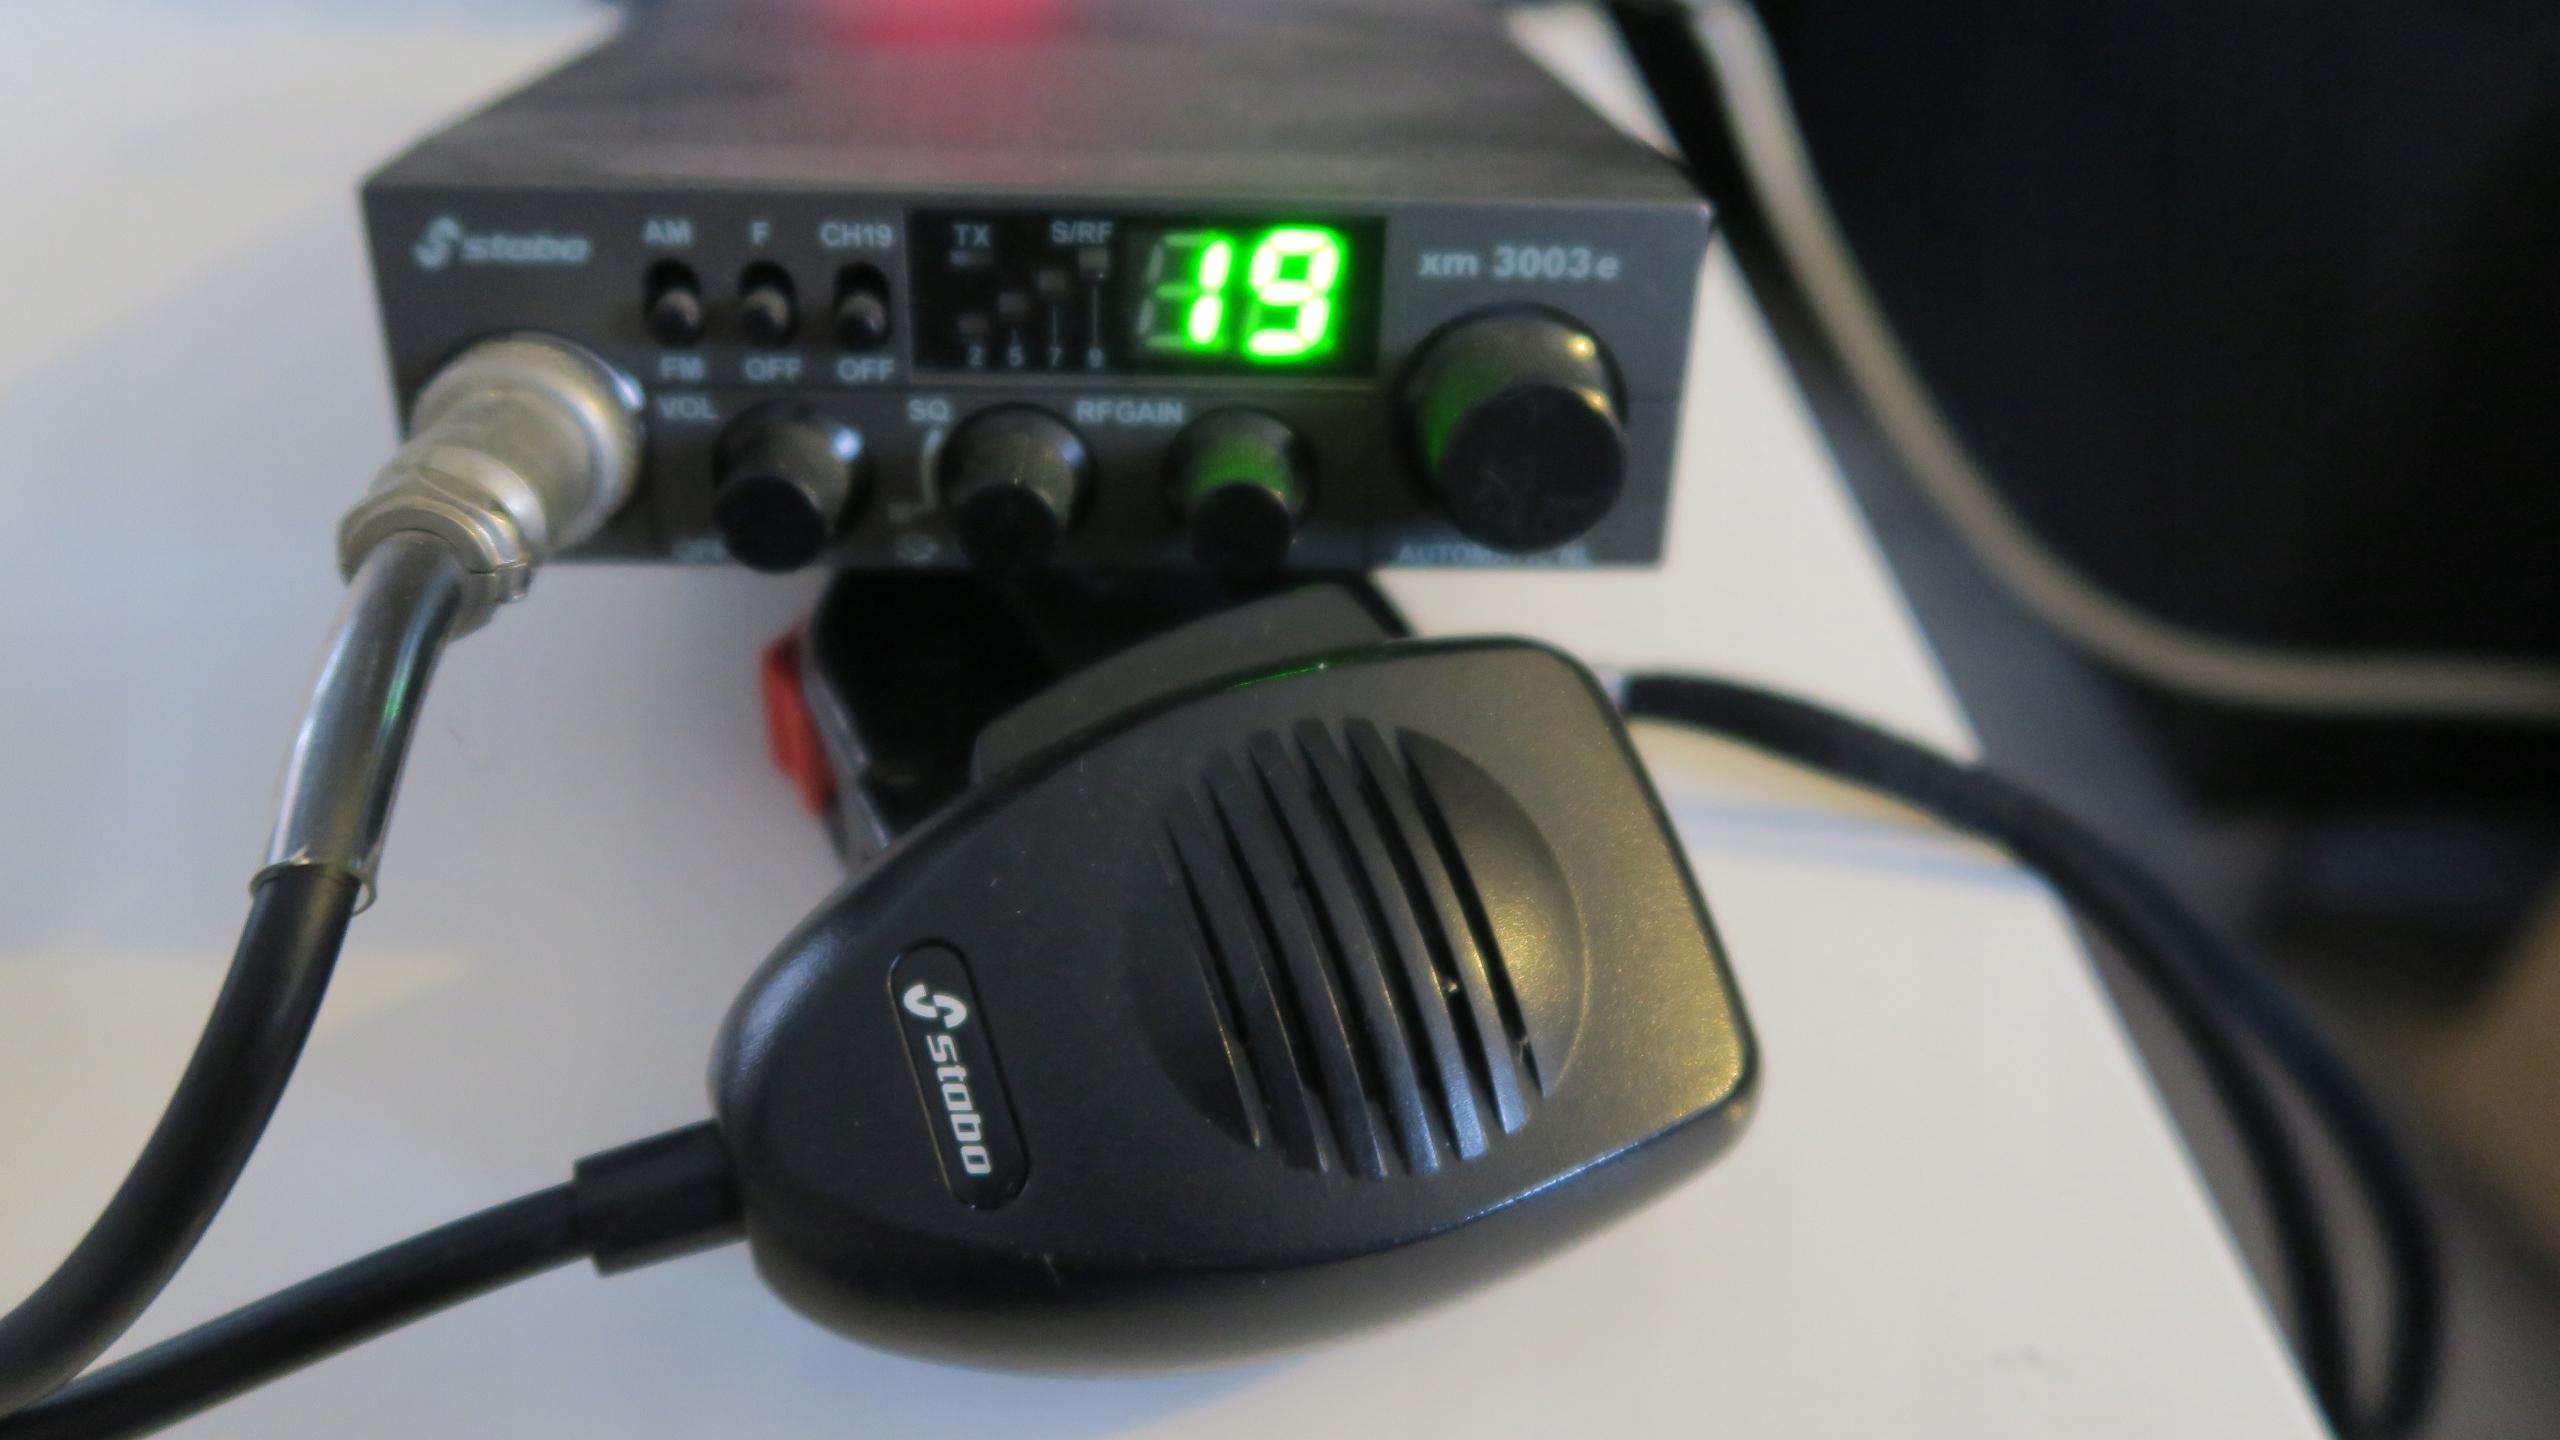 CB Radio Stabo xm 30003e Jak president uniden NOWE